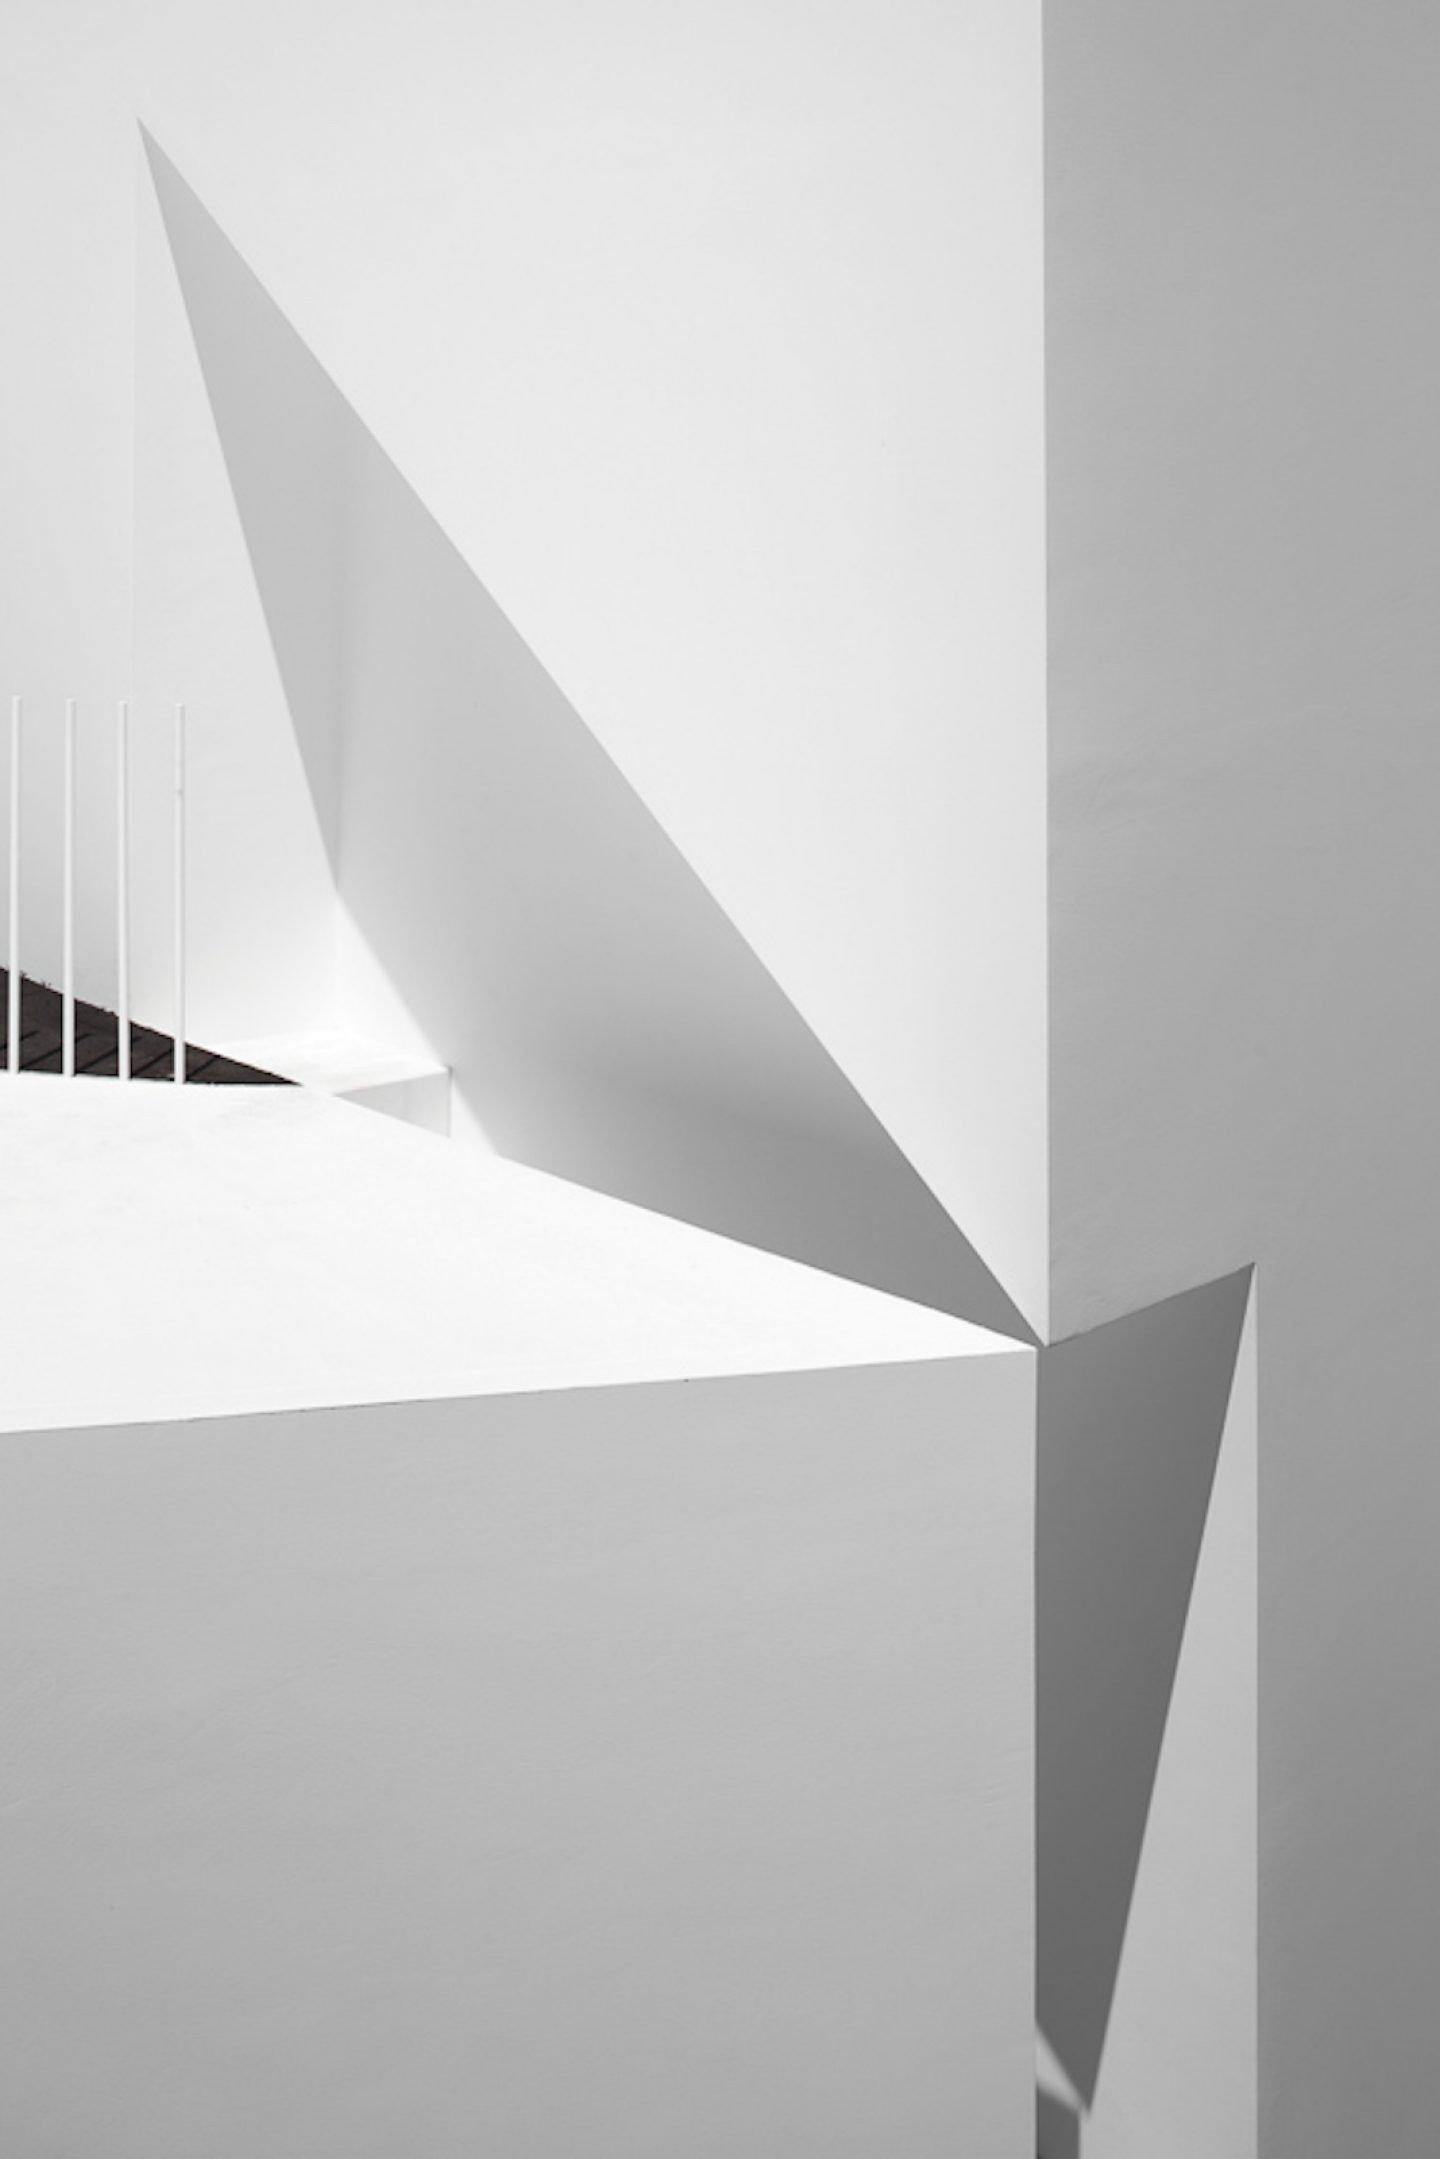 architecture_airesmateus_alcobaca_18